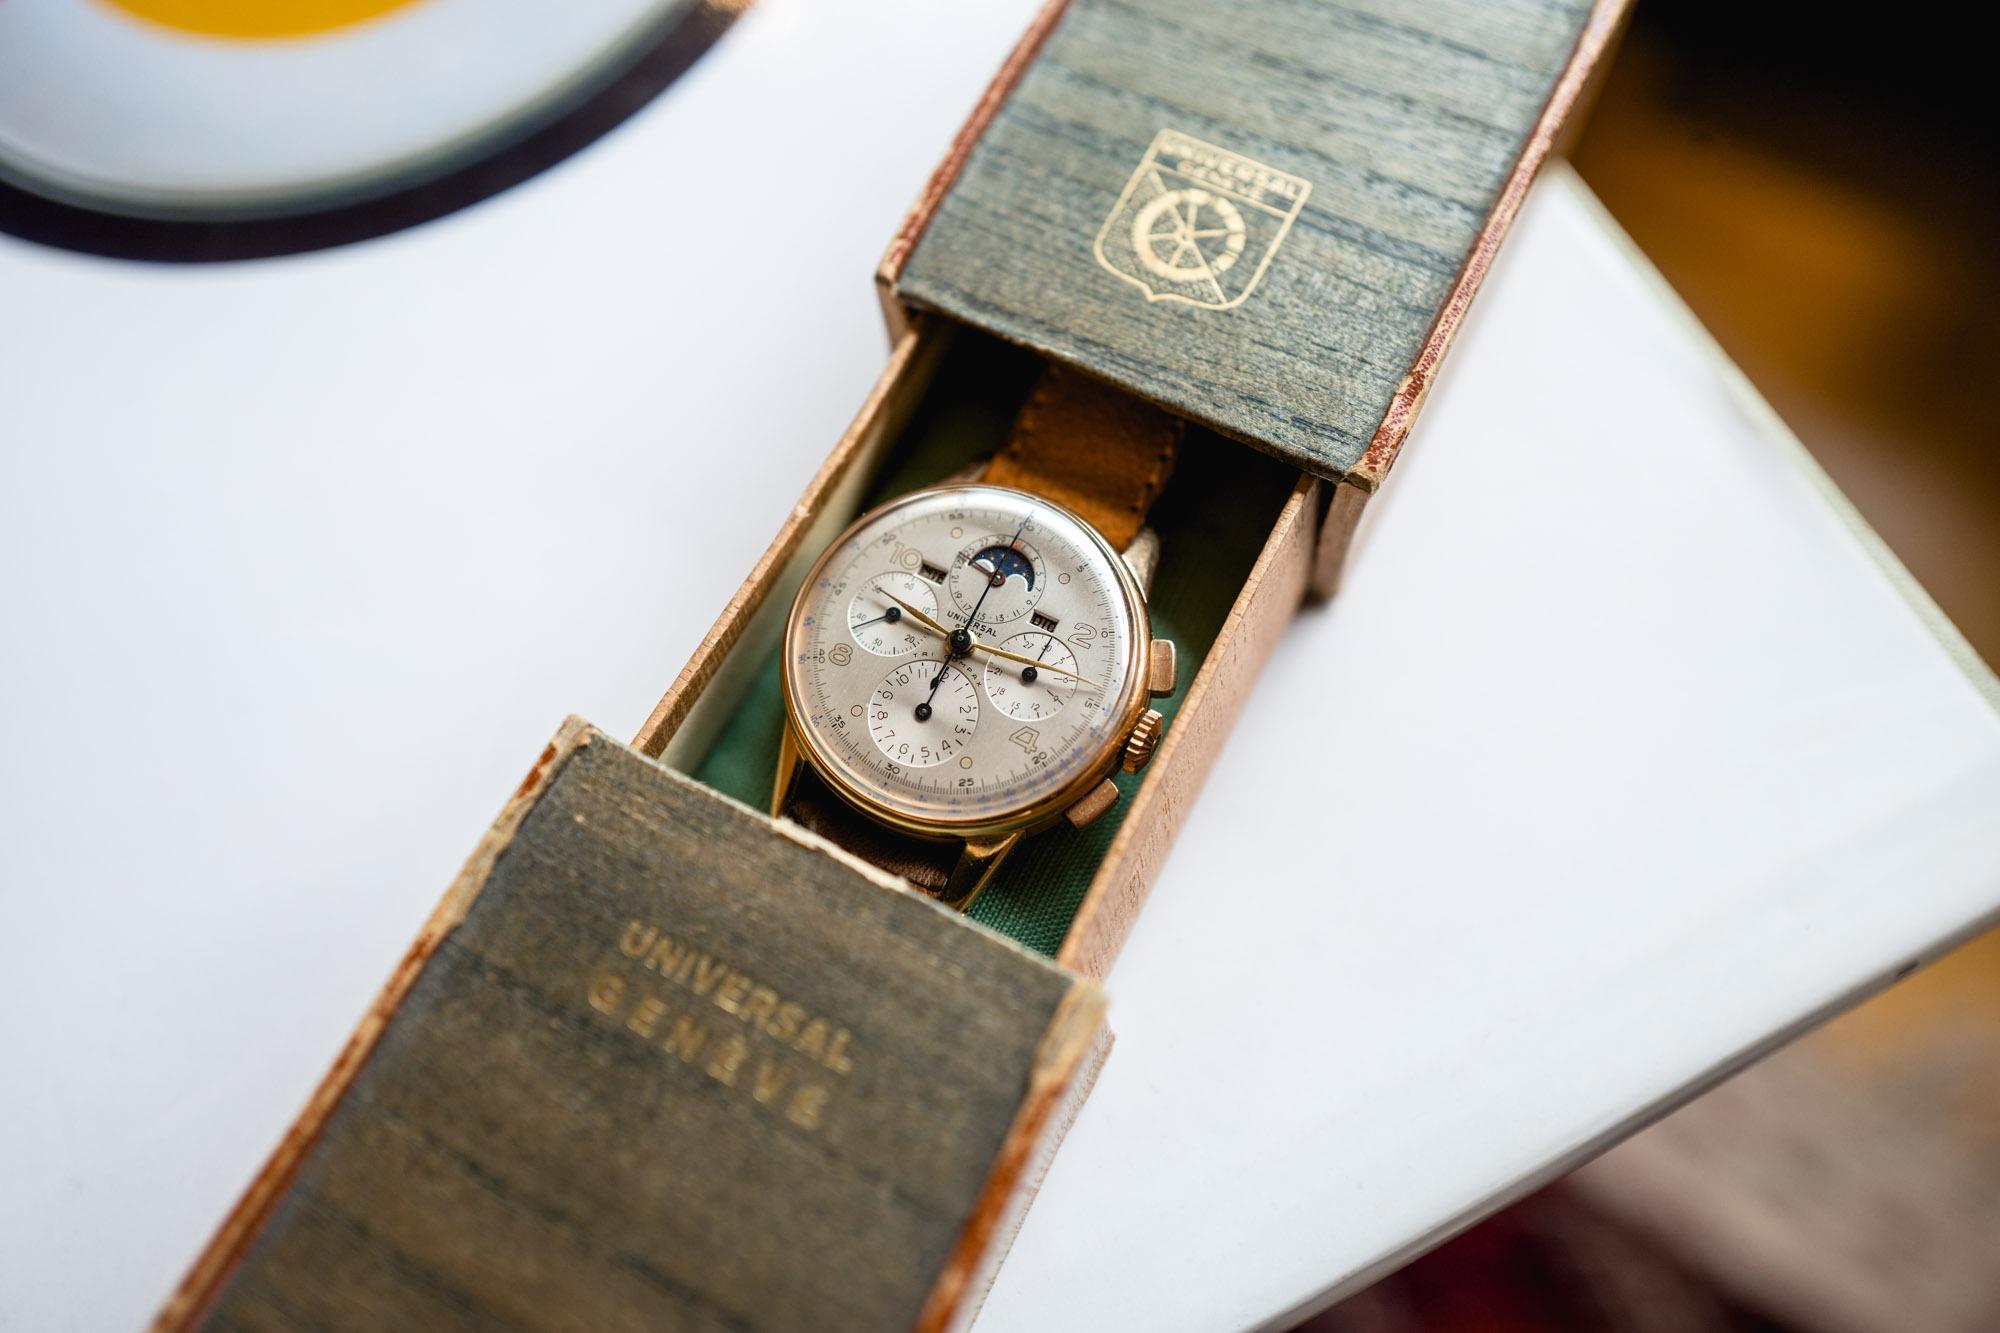 Antique Watches - Universal Genève Tri Compax